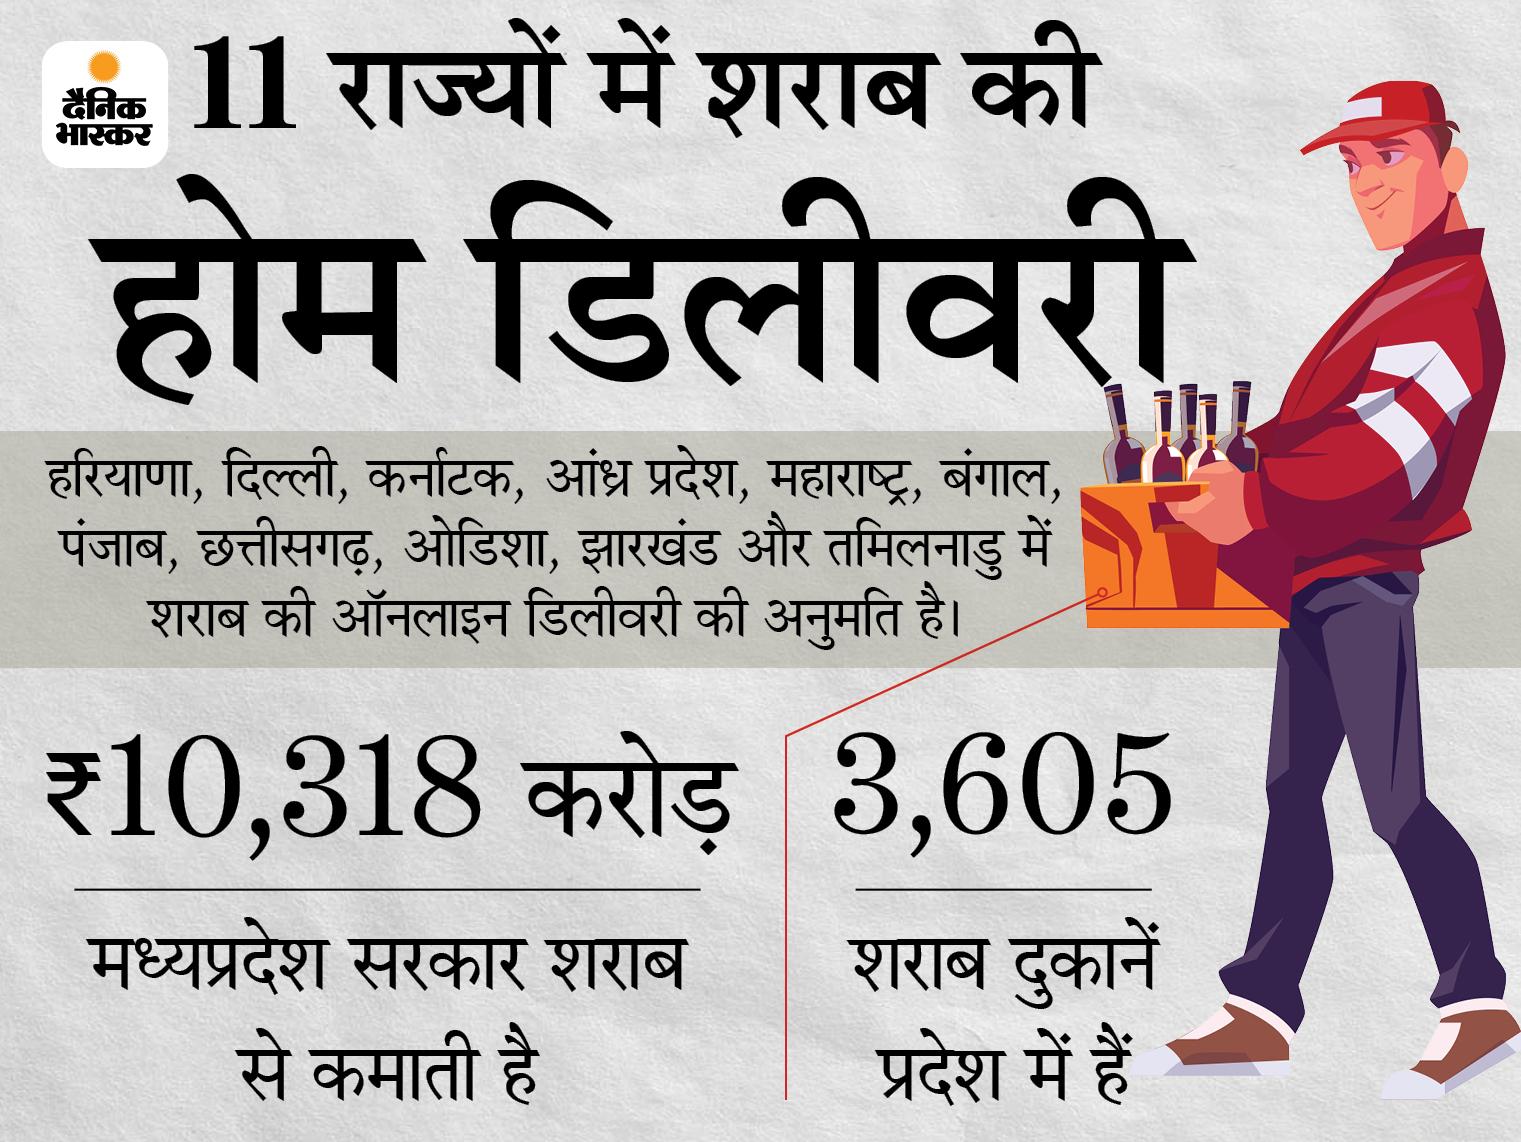 नई आबकारी नीति में शराब की होम डिलीवरी का प्रस्ताव; भोपाल, इंदौर, ग्वालियर और जबलपुर से शुरू करने की तैयारी, मोबाइल ऐप का भी जिक्र मध्य प्रदेश,Madhya Pradesh - Dainik Bhaskar